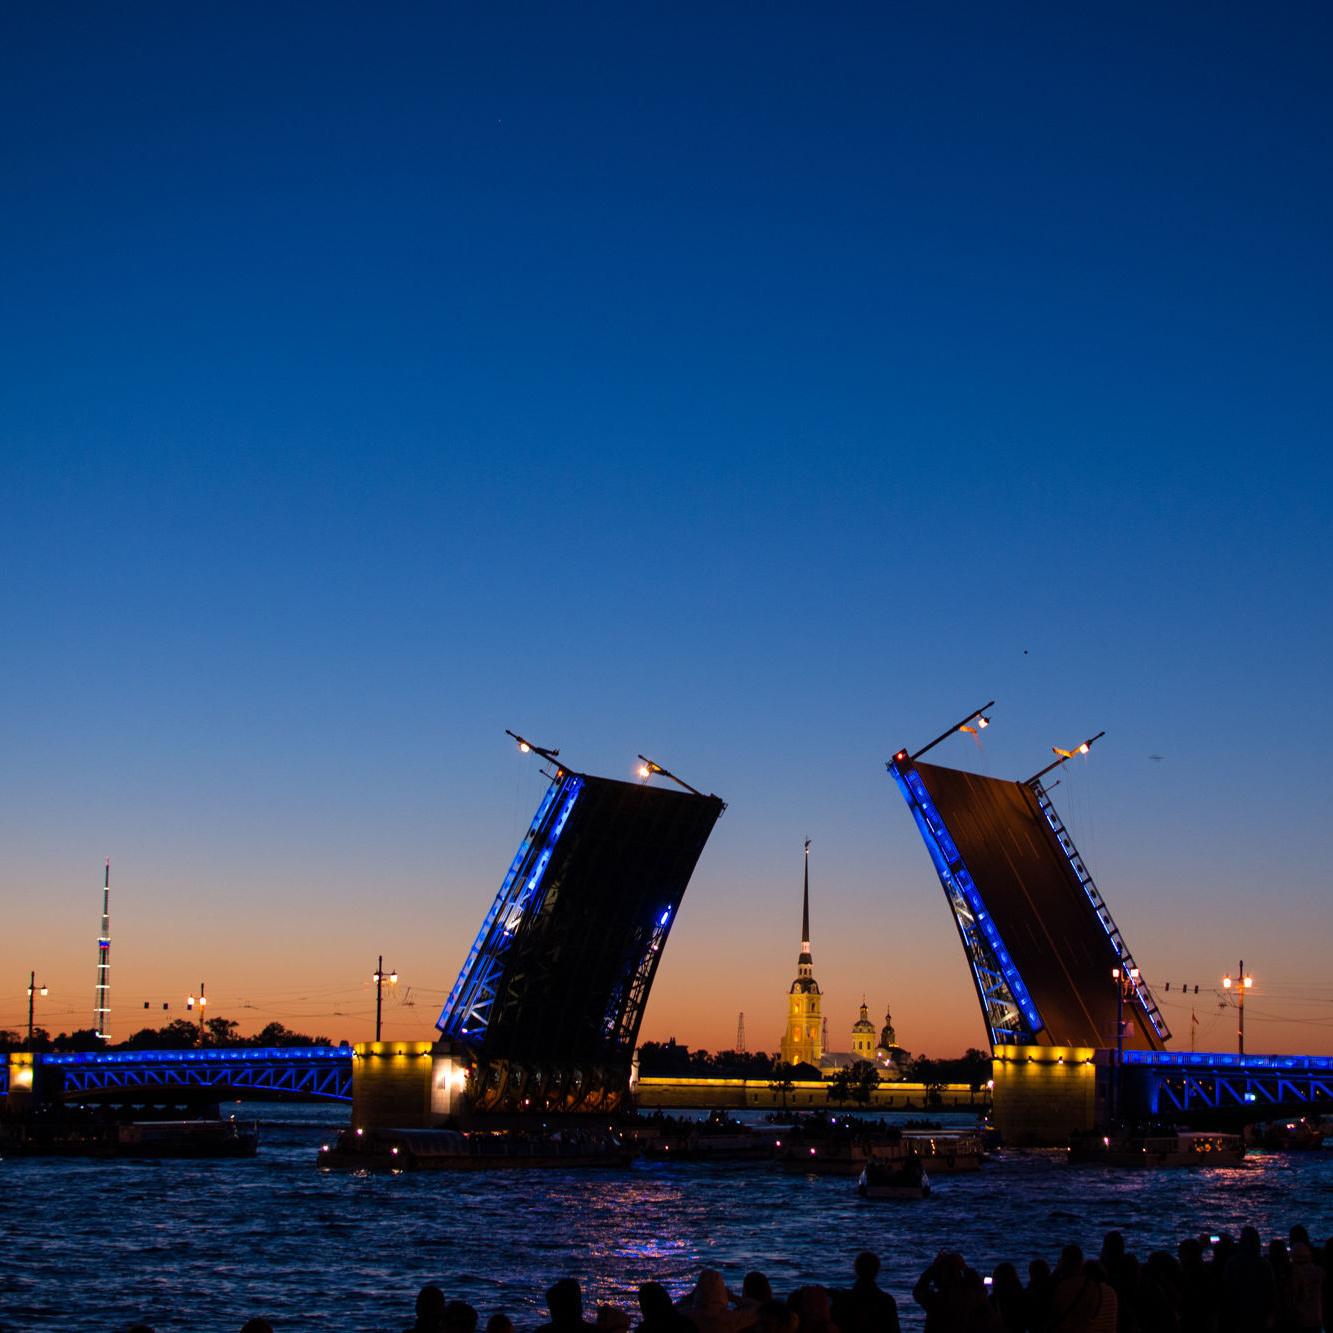 Ночные прогулки на теплоходе от Петропавловской крепости со скидкой 52%